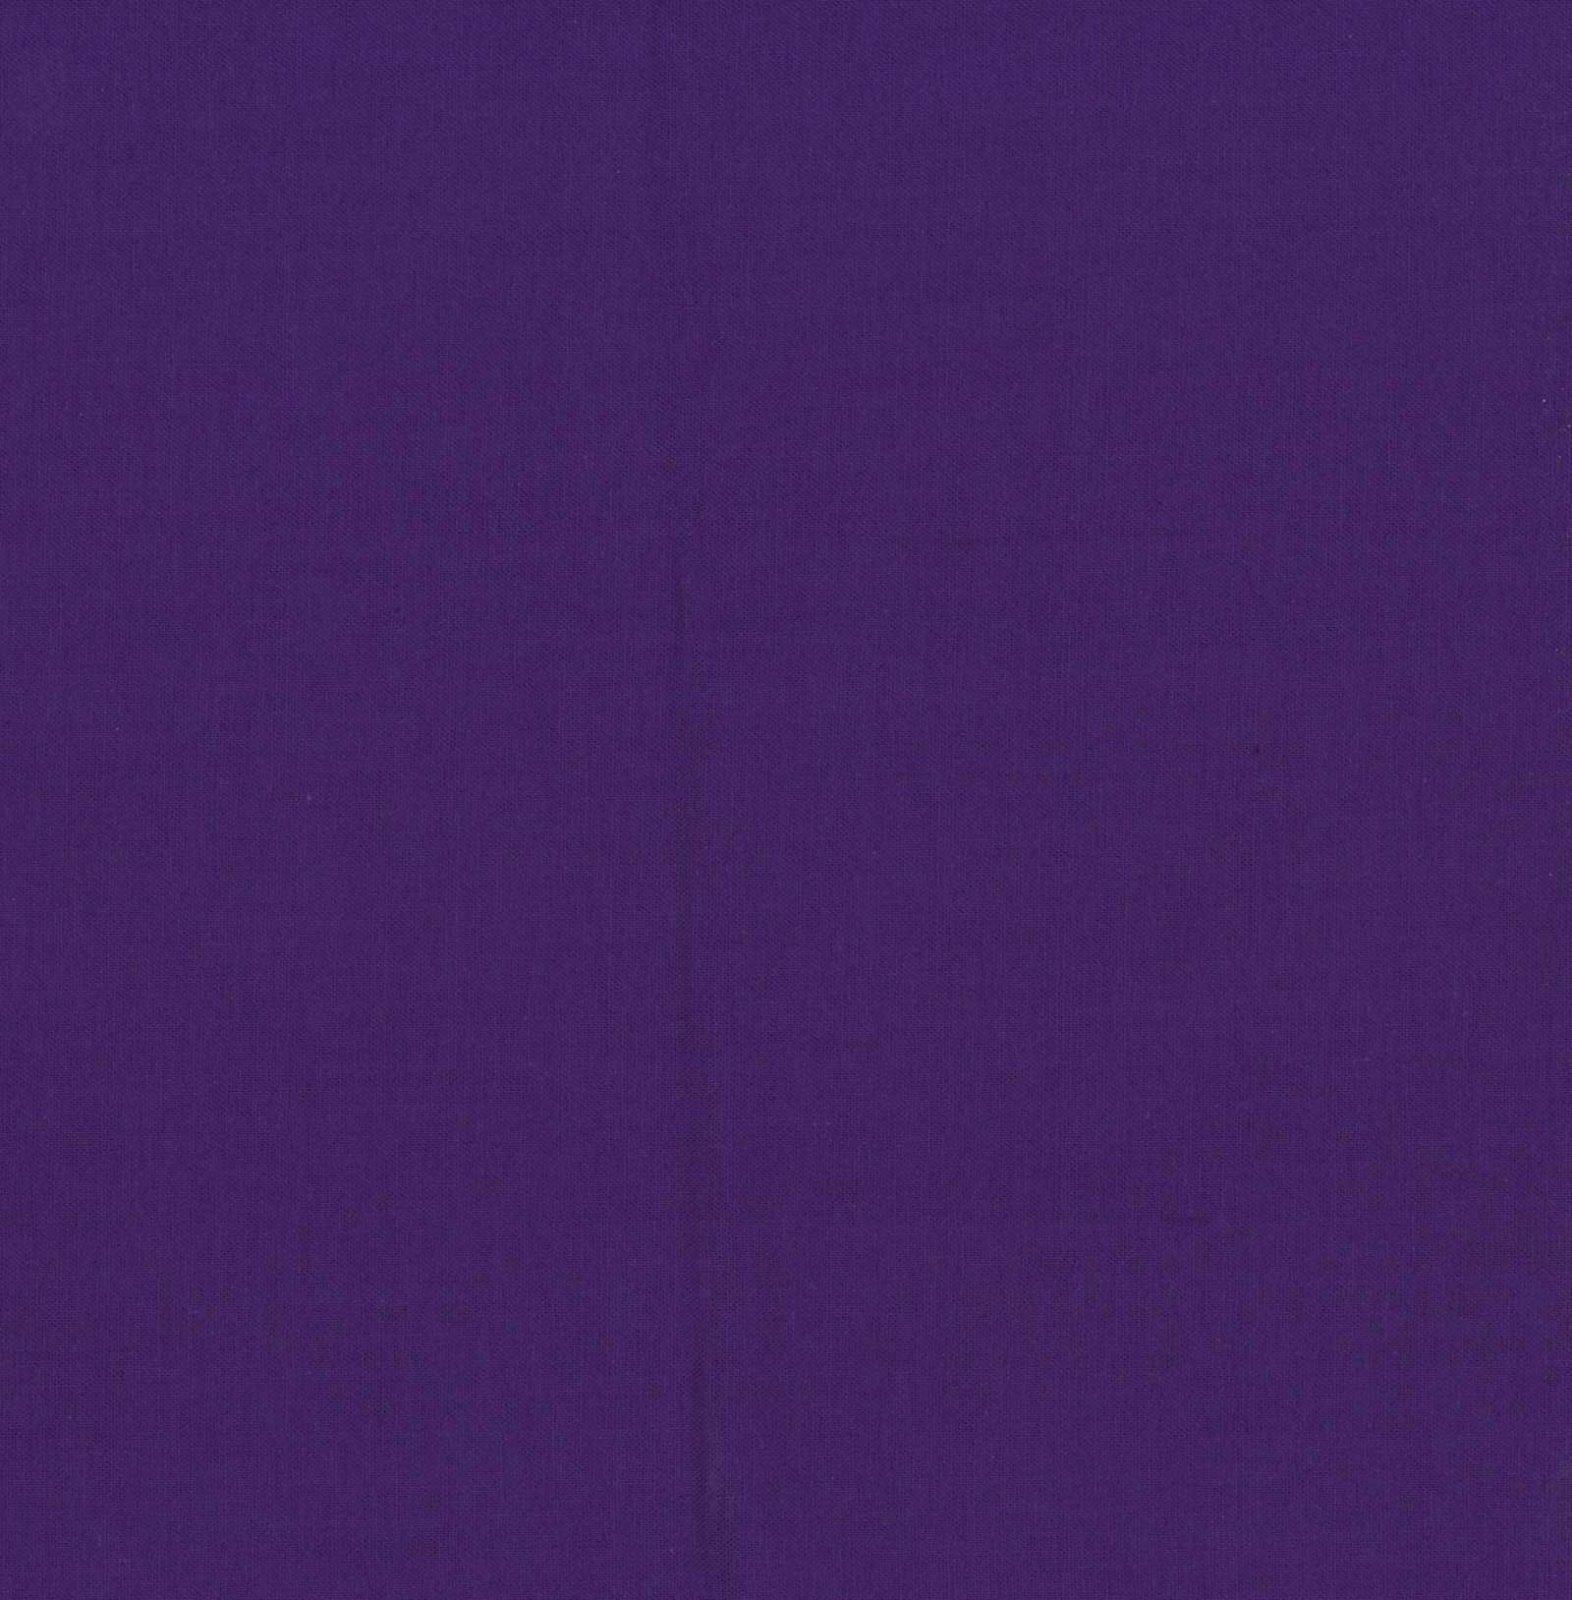 Oasis Solids - Regal Purple